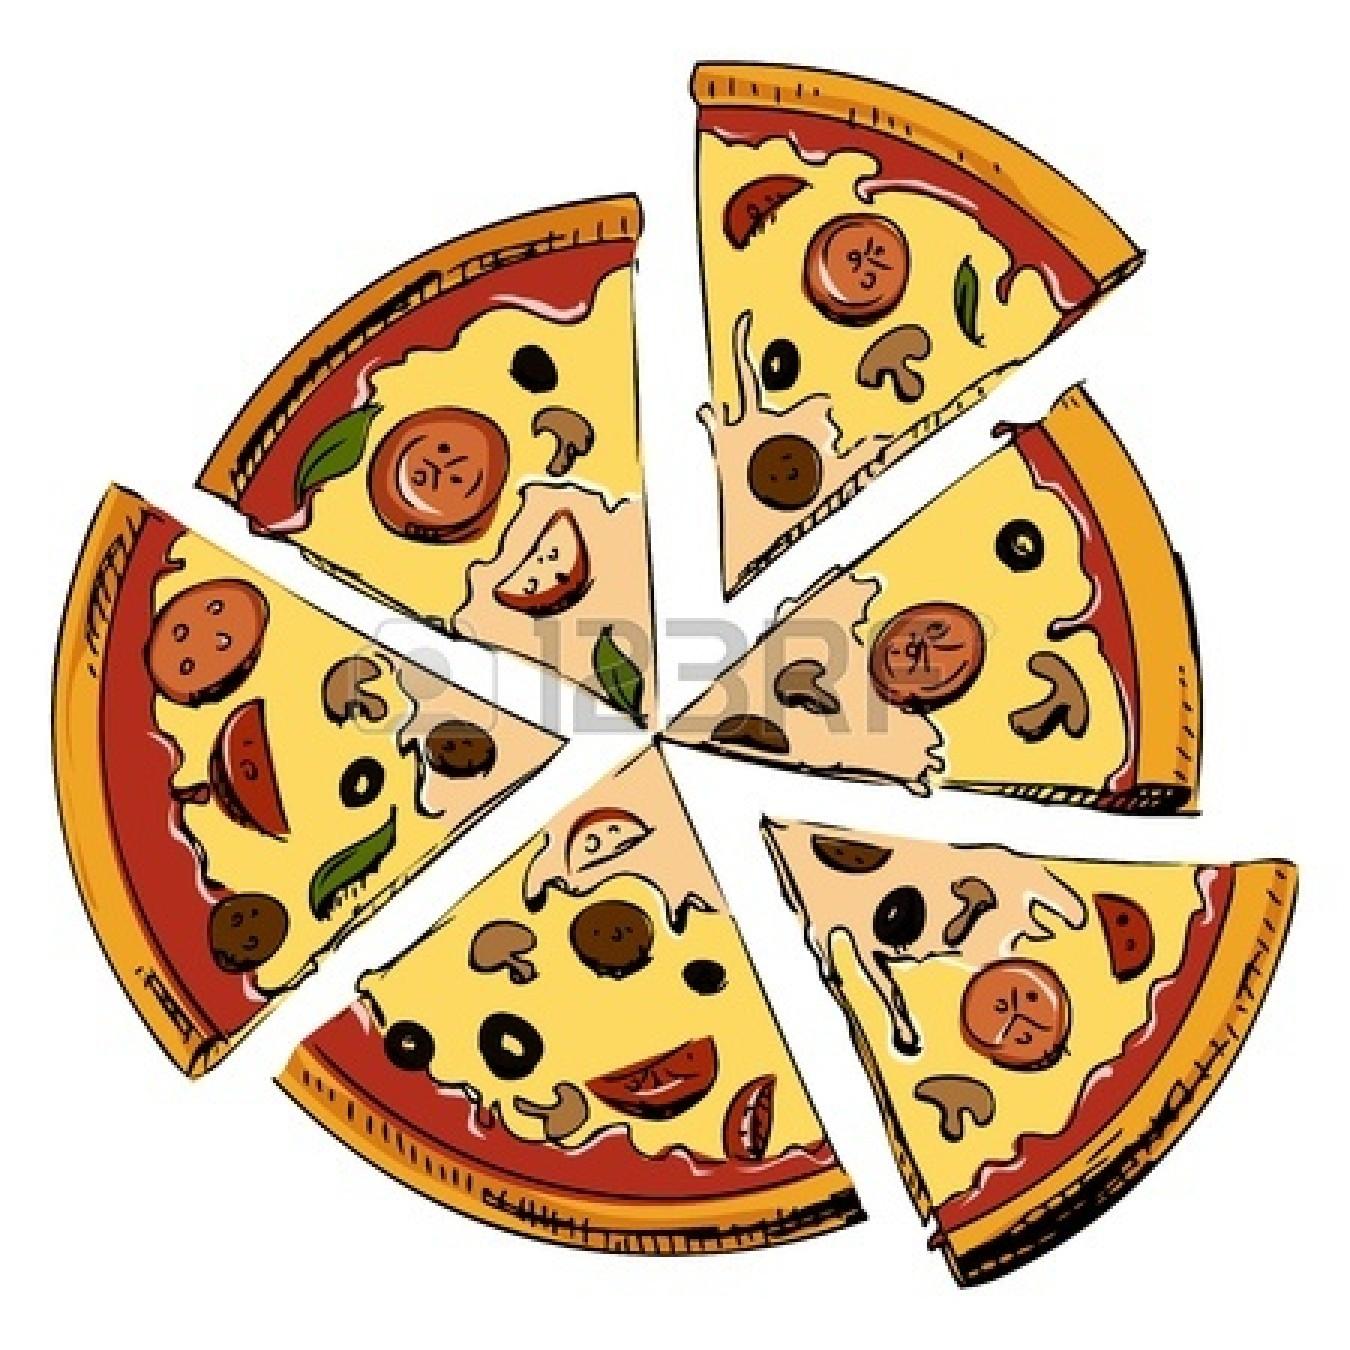 1350x1350 Drawn Pizza Whole Pizza